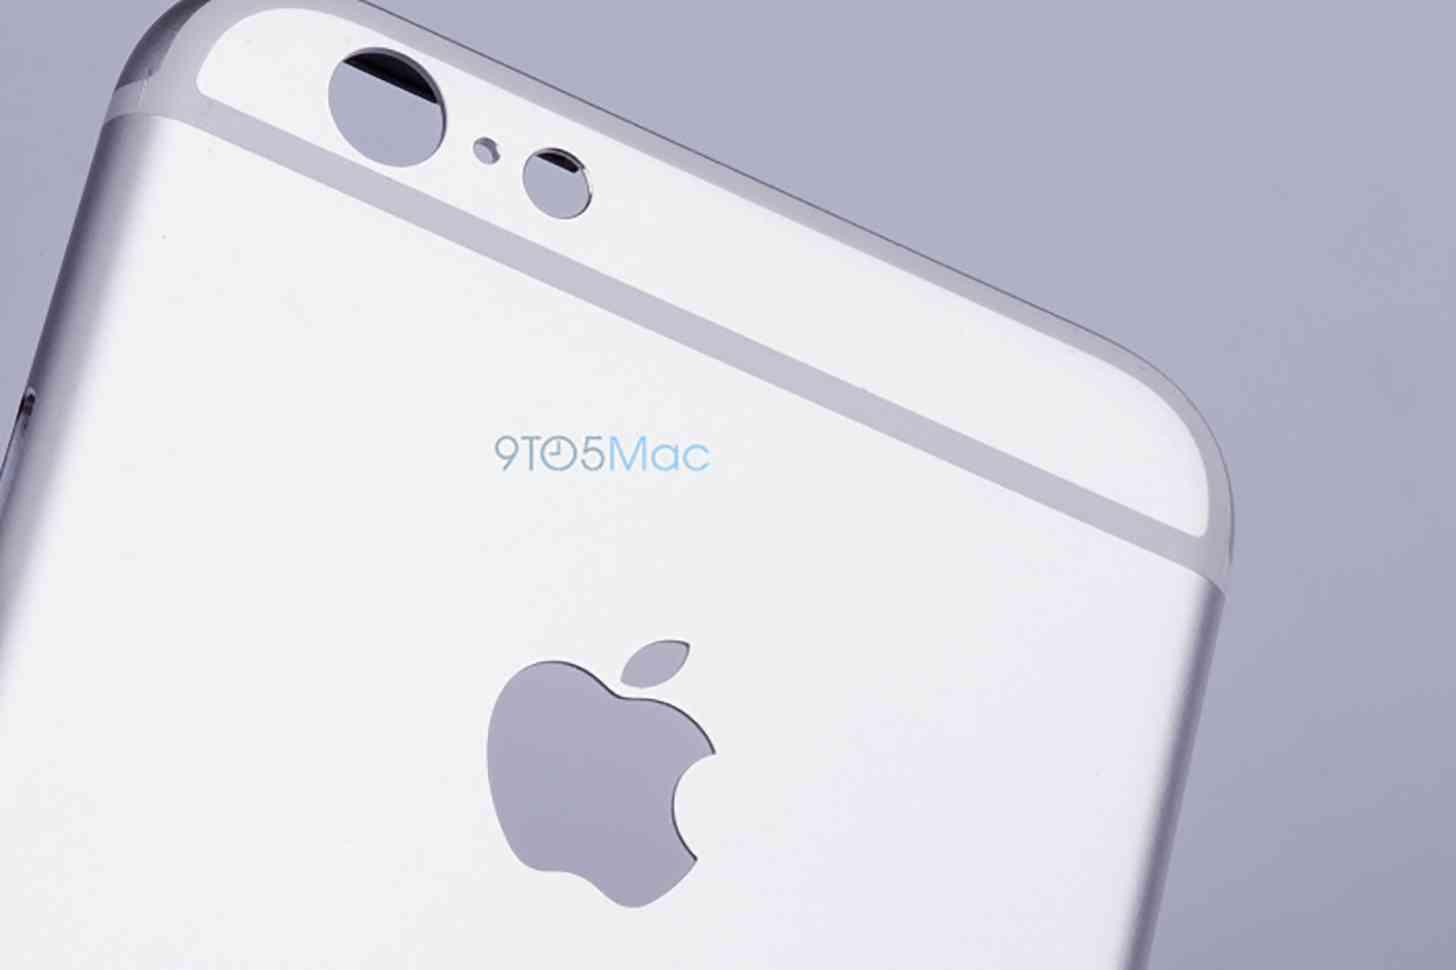 iPhone 6s rear shell leak